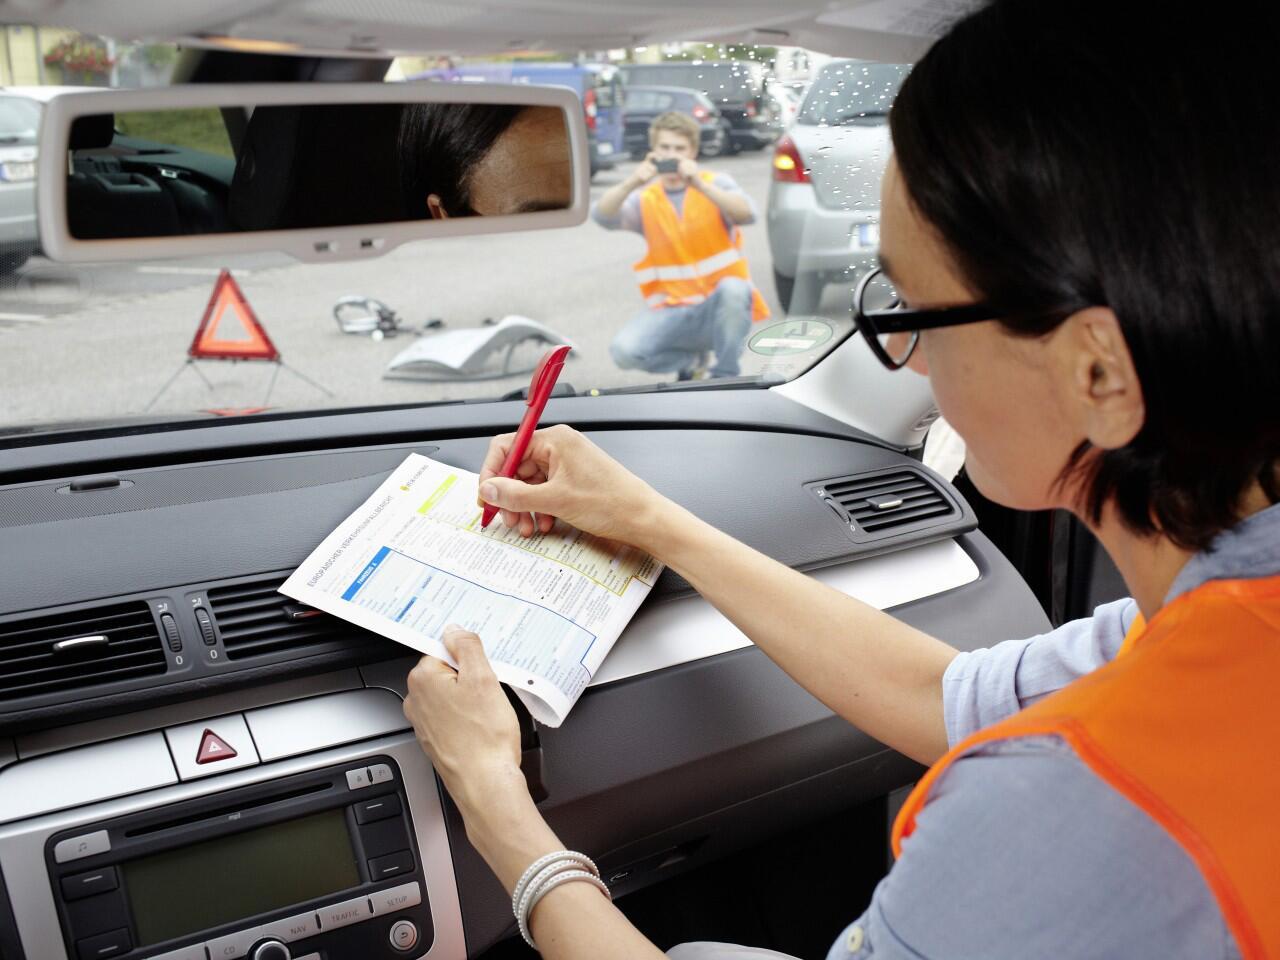 Bild zu Autounfall im Ausland: Den Unfallhergang genau dokumentieren